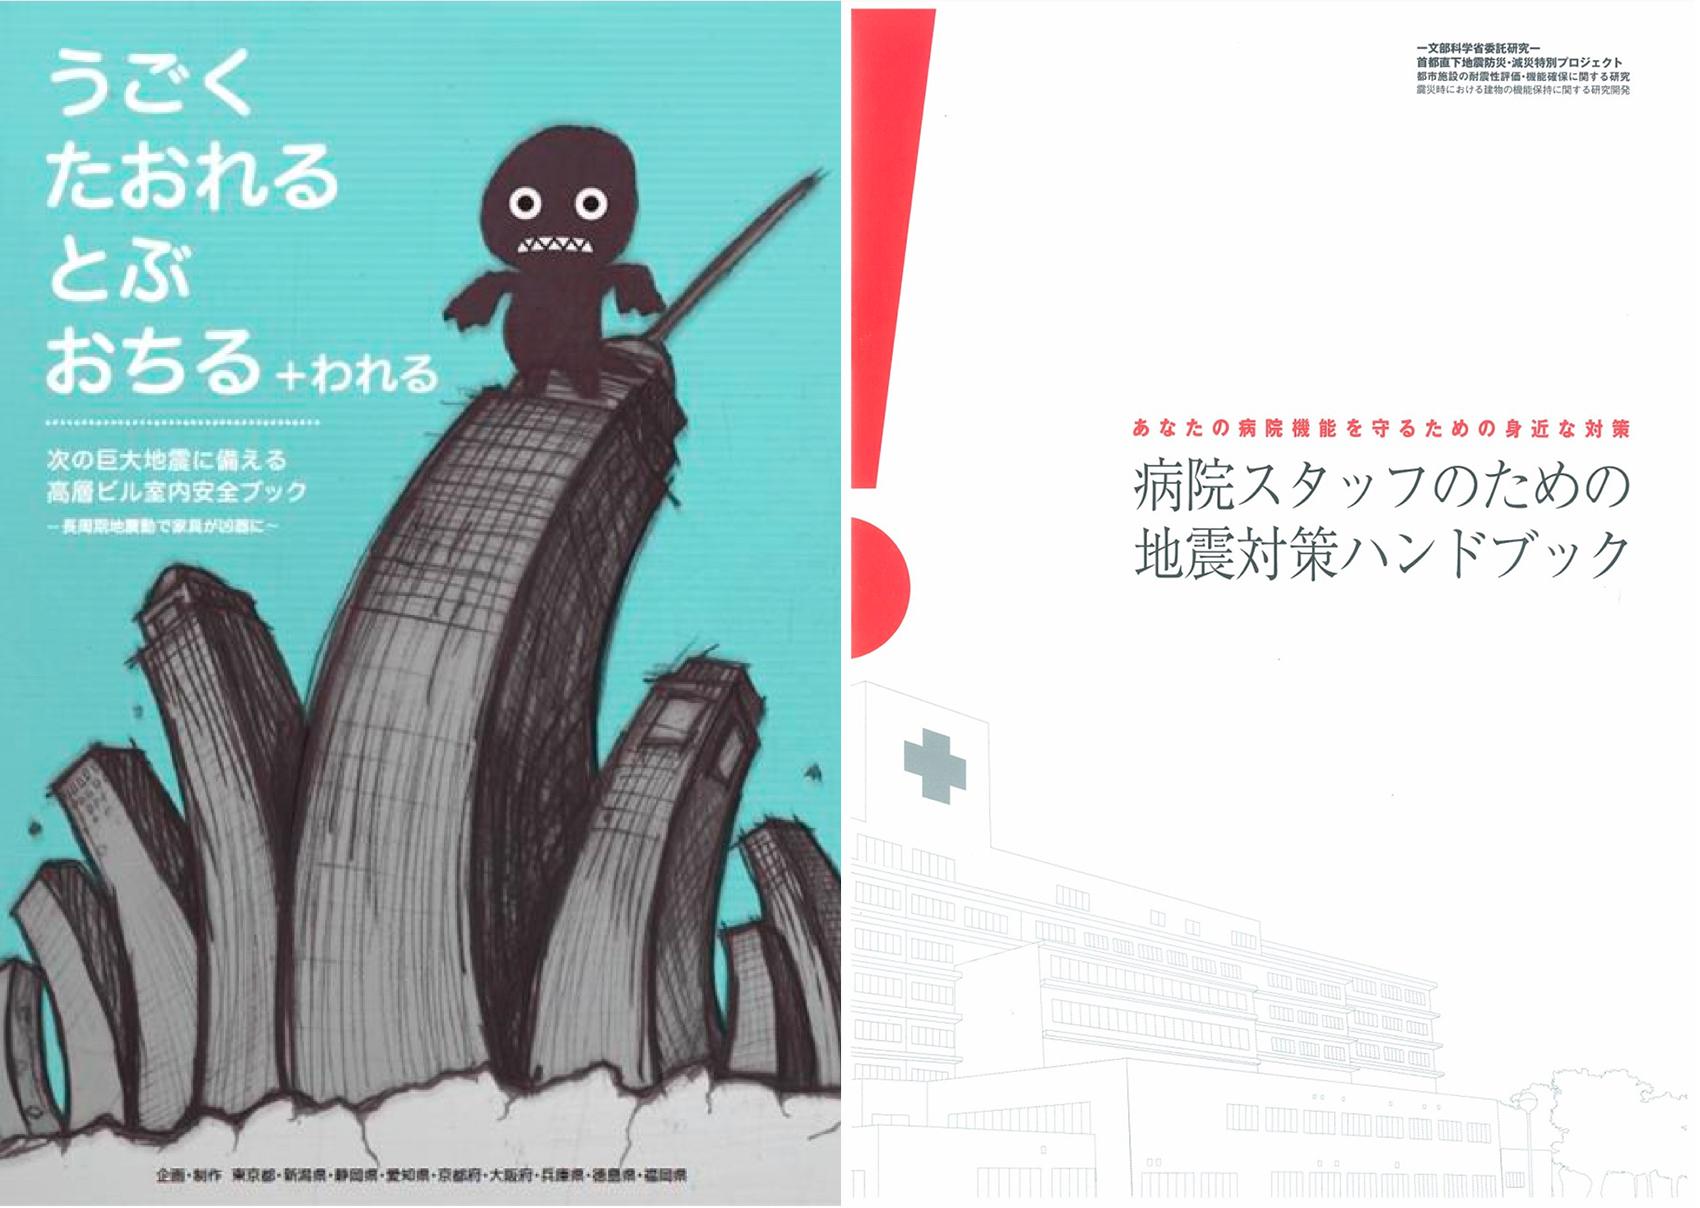 図3 高層ビル室内安全ブックの表紙(左)図4 地震対策ハンドブックの表紙(右)